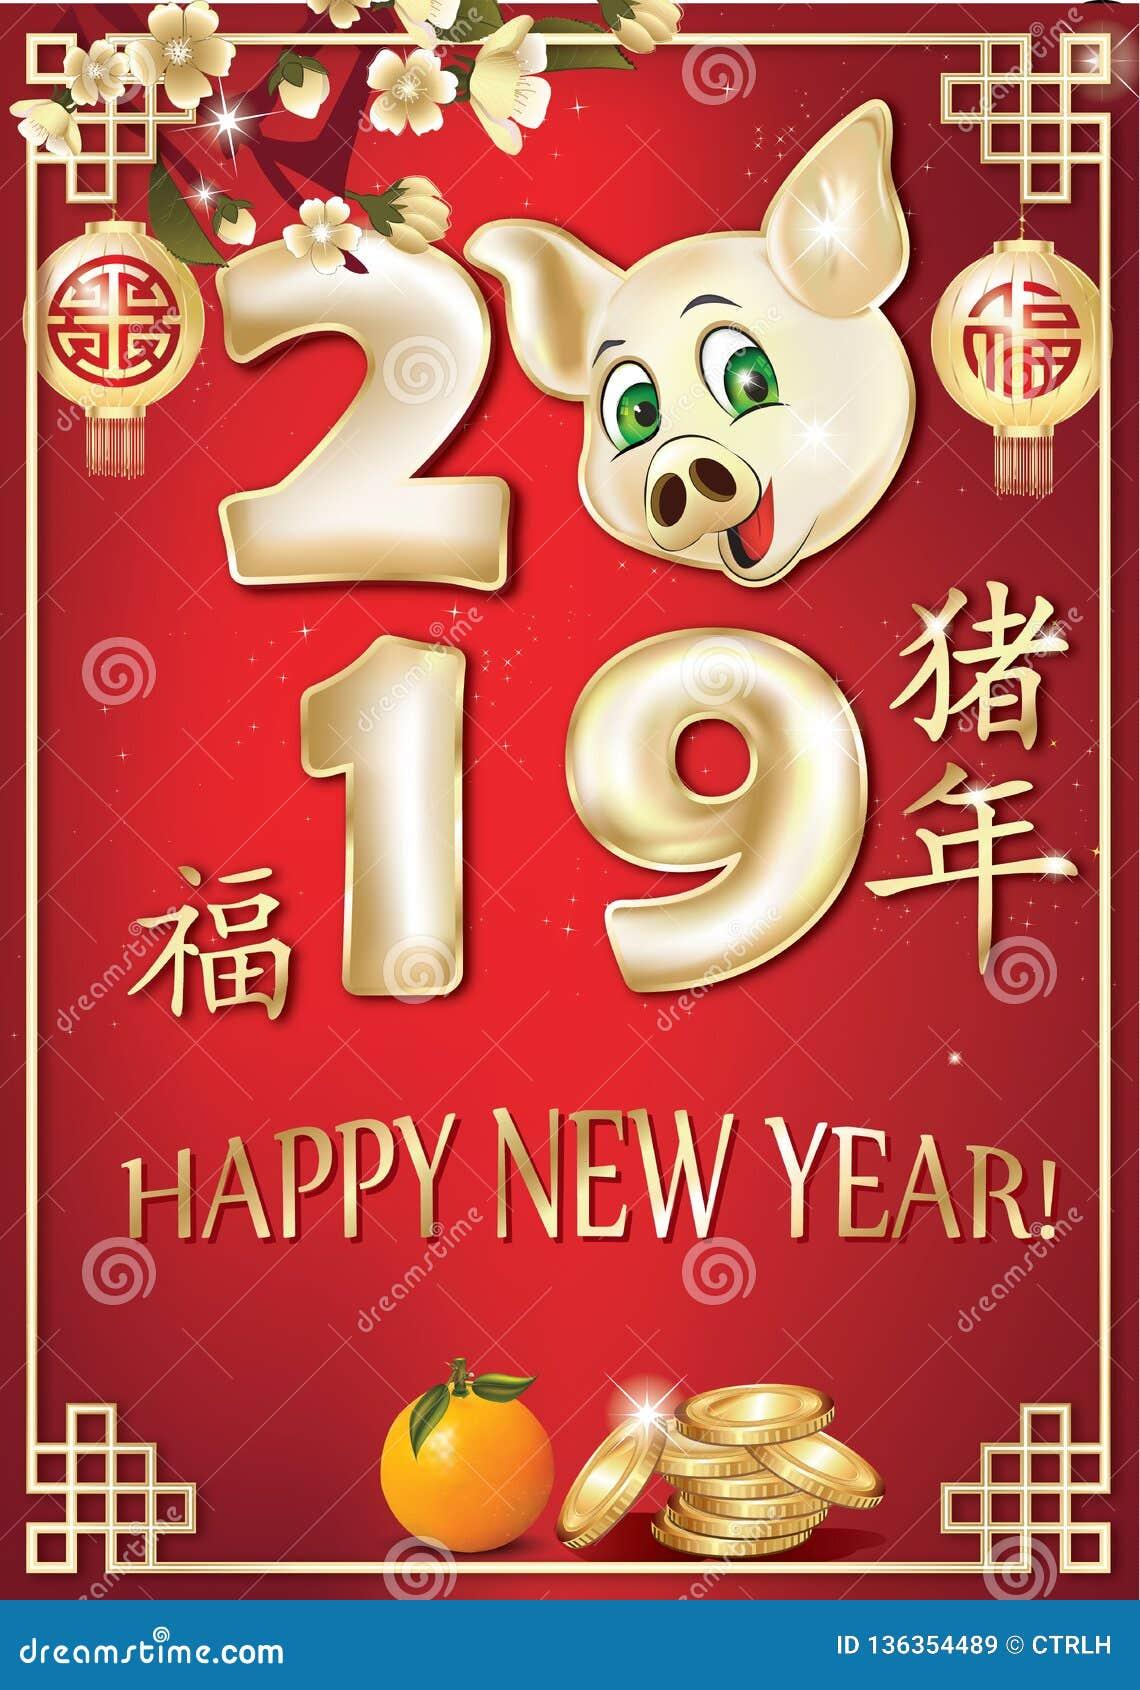 Gelukkig Nieuwjaar van het aardevarken 2019 - traditionele groetkaart met rode achtergrond, met tekst in Chinees en het Engels